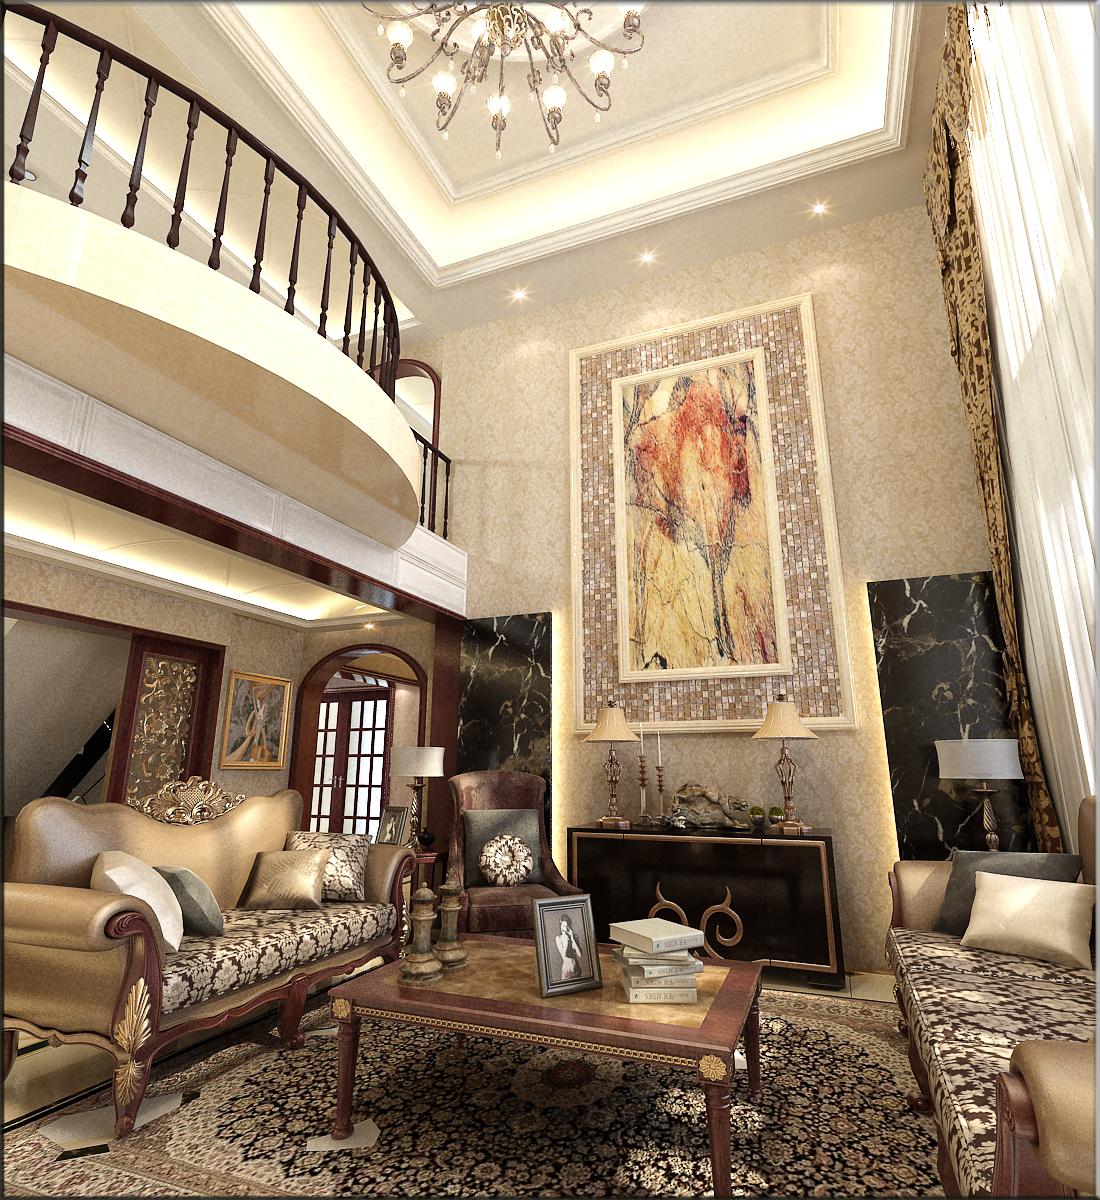 欧式 别墅 80后 客厅图片来自乐豪斯-卜杨烁在鹿锦苑210平欧式的极致展现的分享